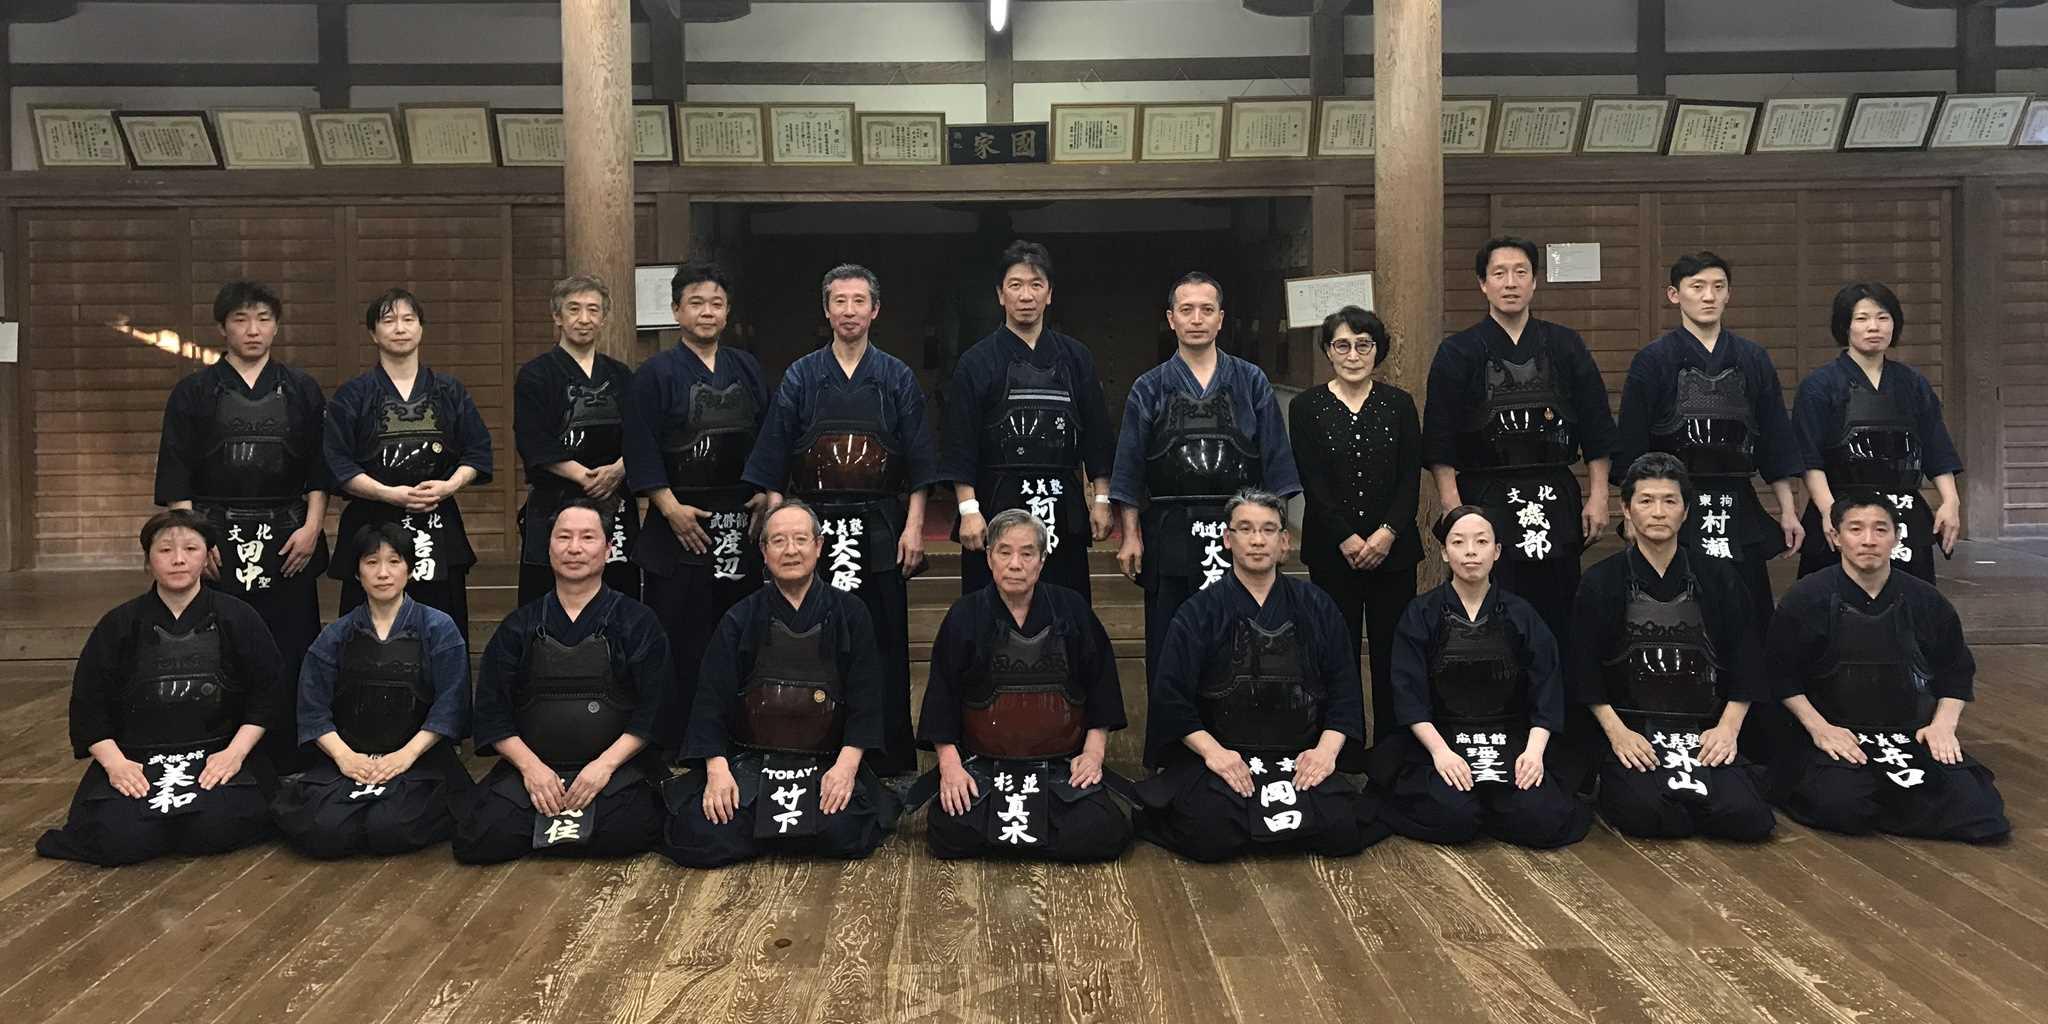 剣道の同好の士が団結し活動を続けています。